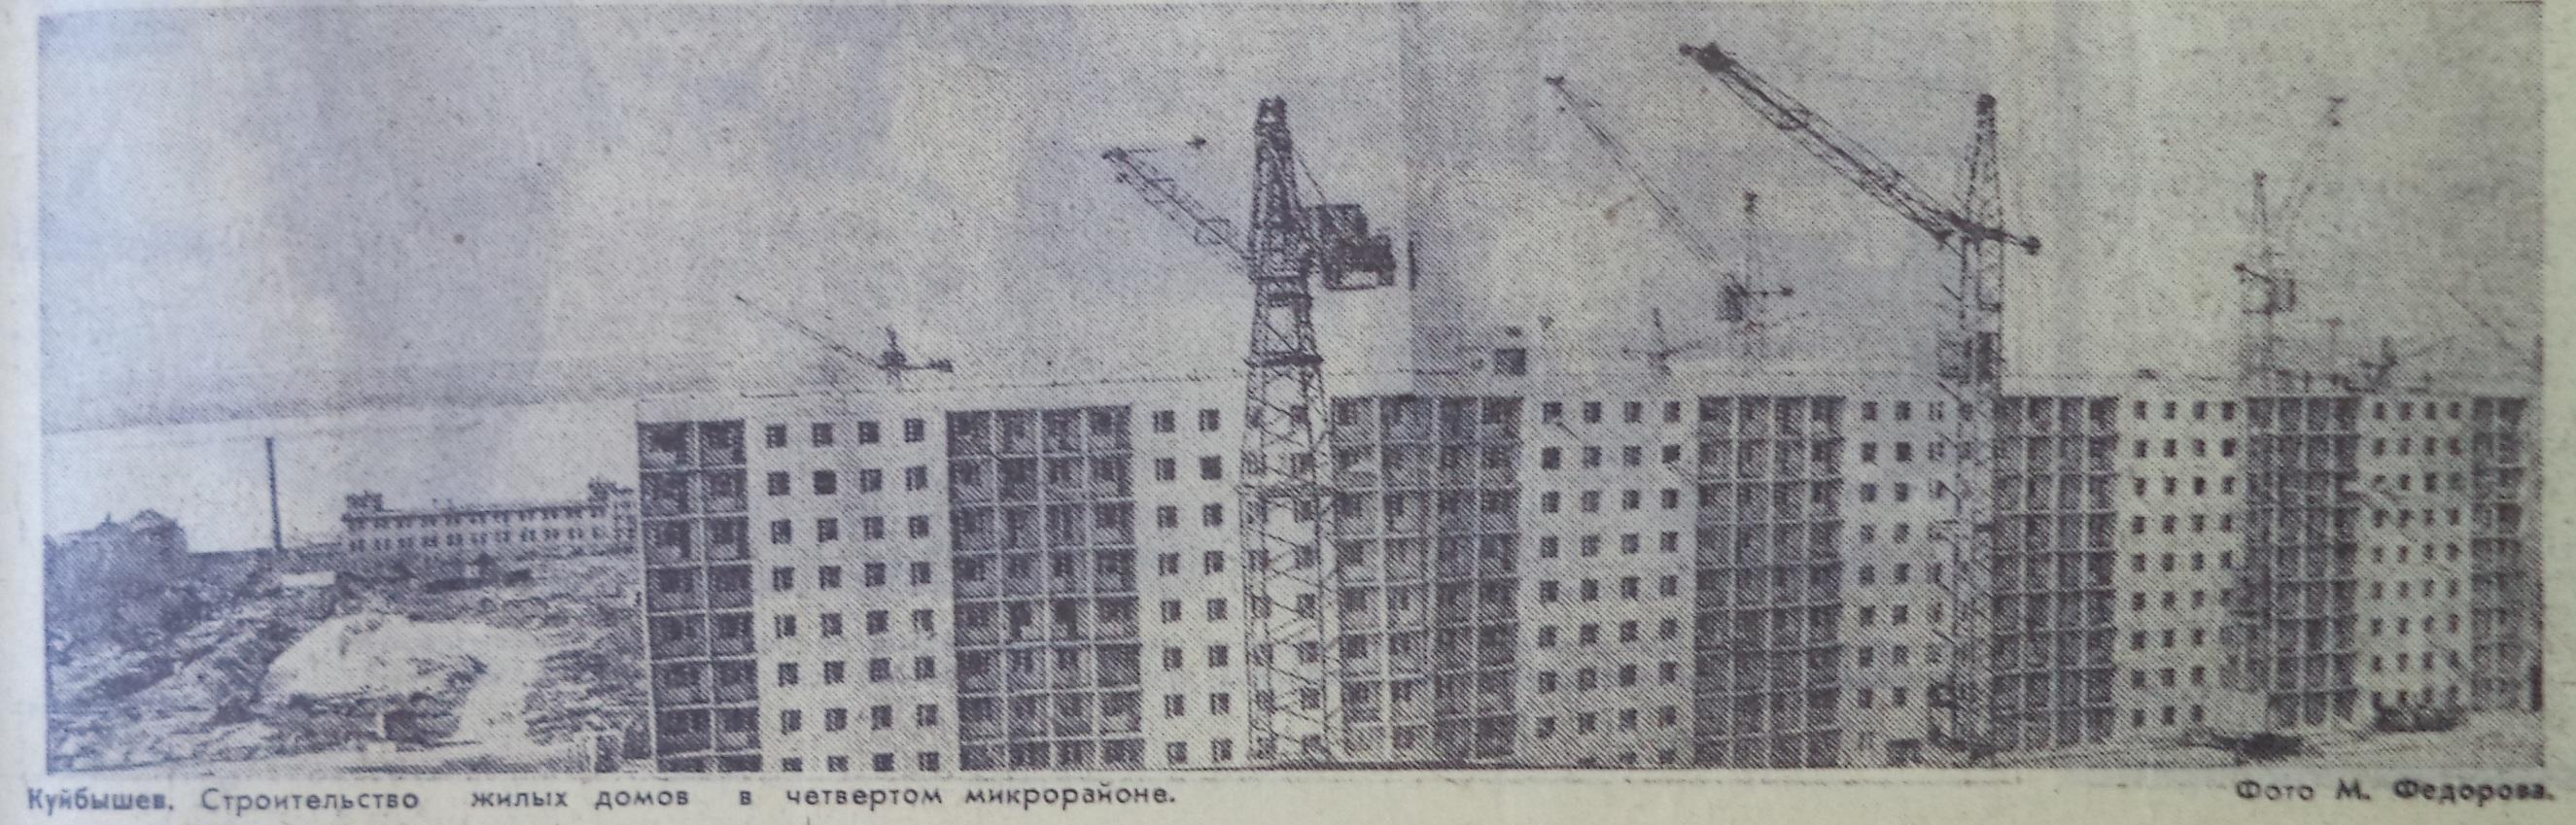 Осипенко-ФОТО-41-ВЗя-1969-04-17-фото из IV мкр.